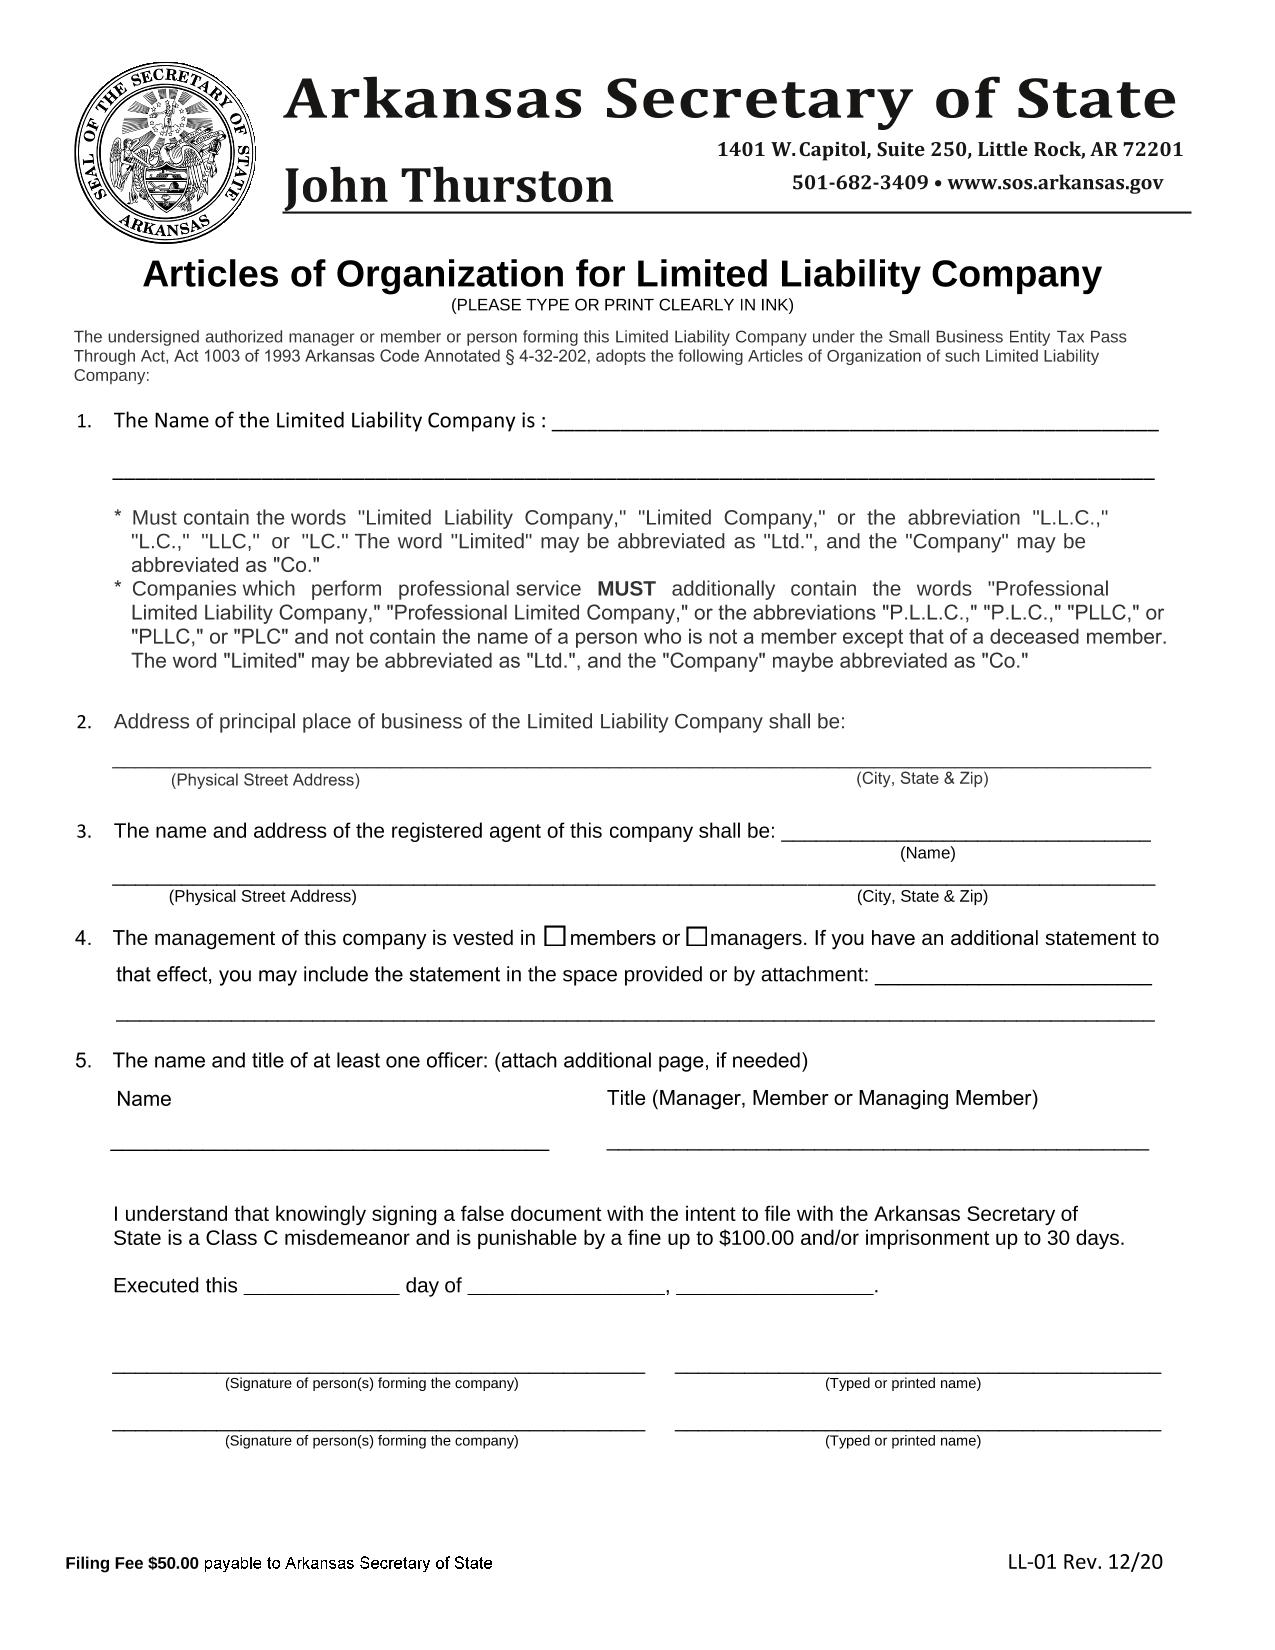 Arkansas LLC Articles of Organization